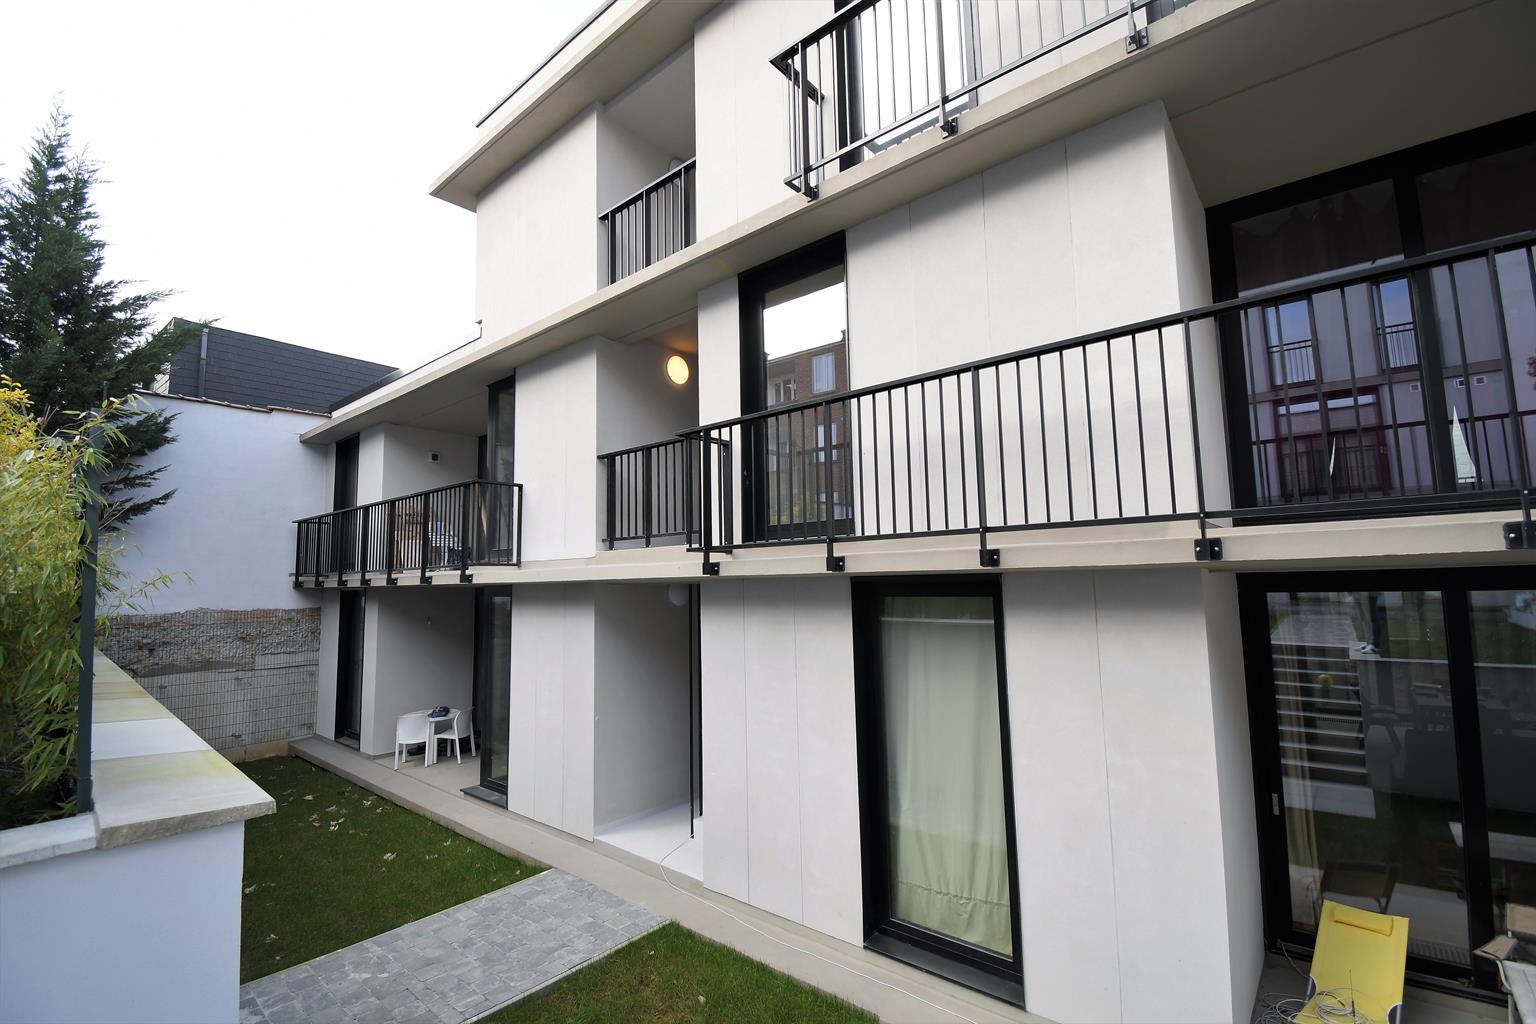 Appartement - Woluwe-Saint-Pierre - #4368821-1